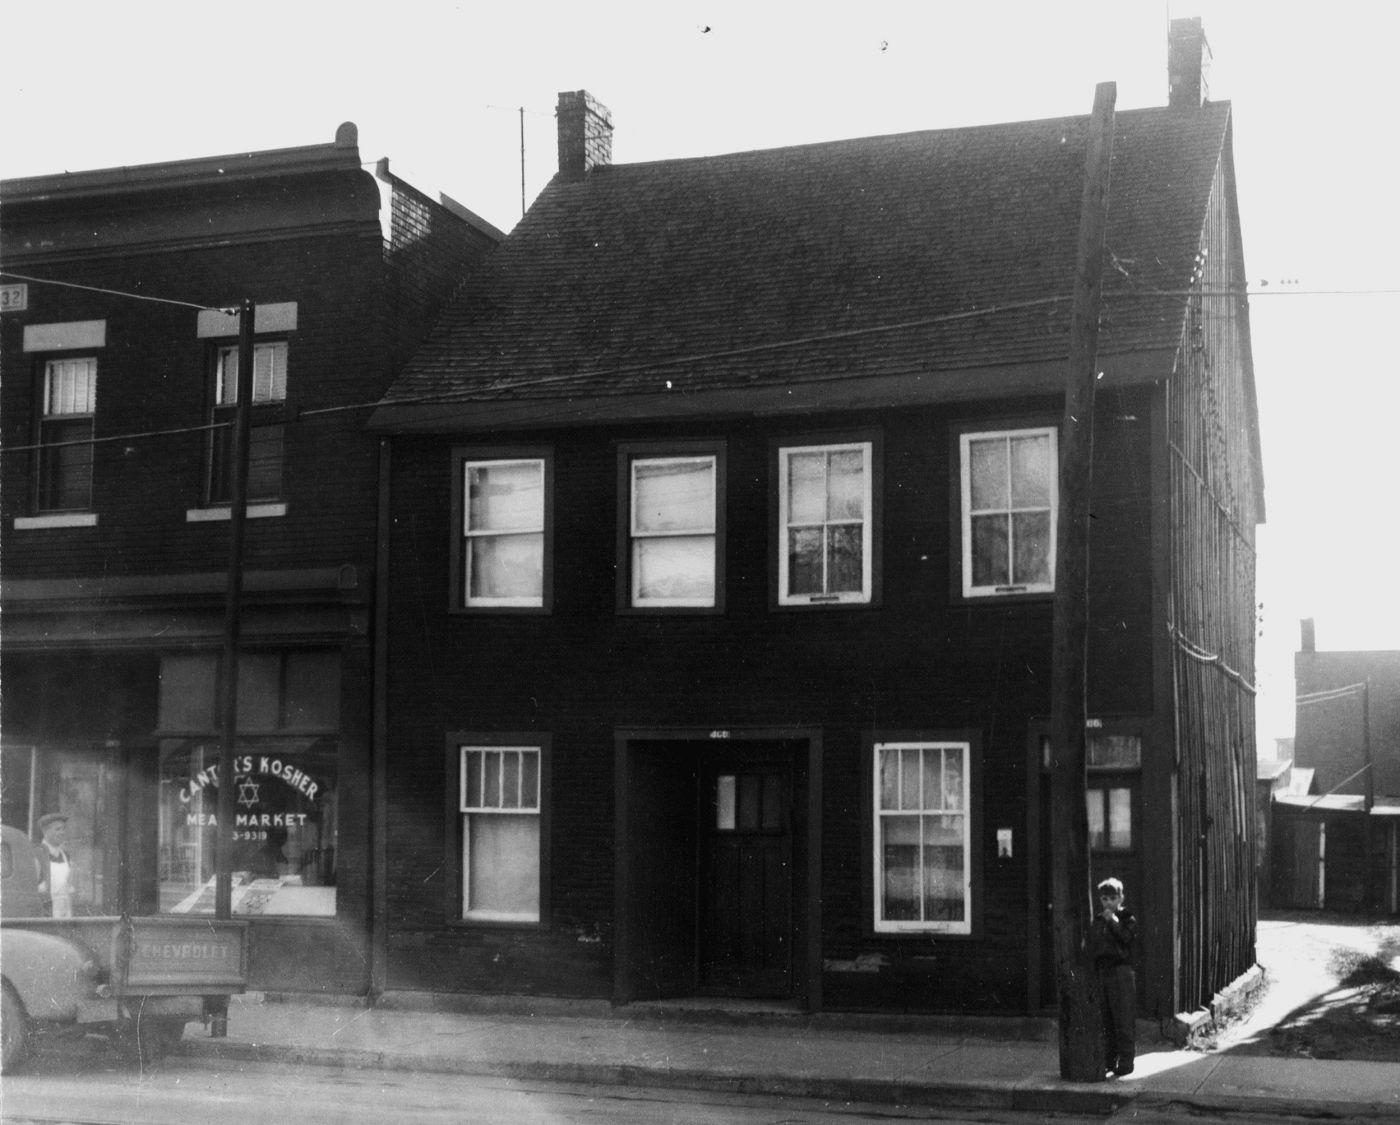 Photographie en noir et blanc d'un jeune garçon devant une maison en bois à deux étages. Un camion et un homme sont devant le commerce Cantor's Kosher Meat Market.